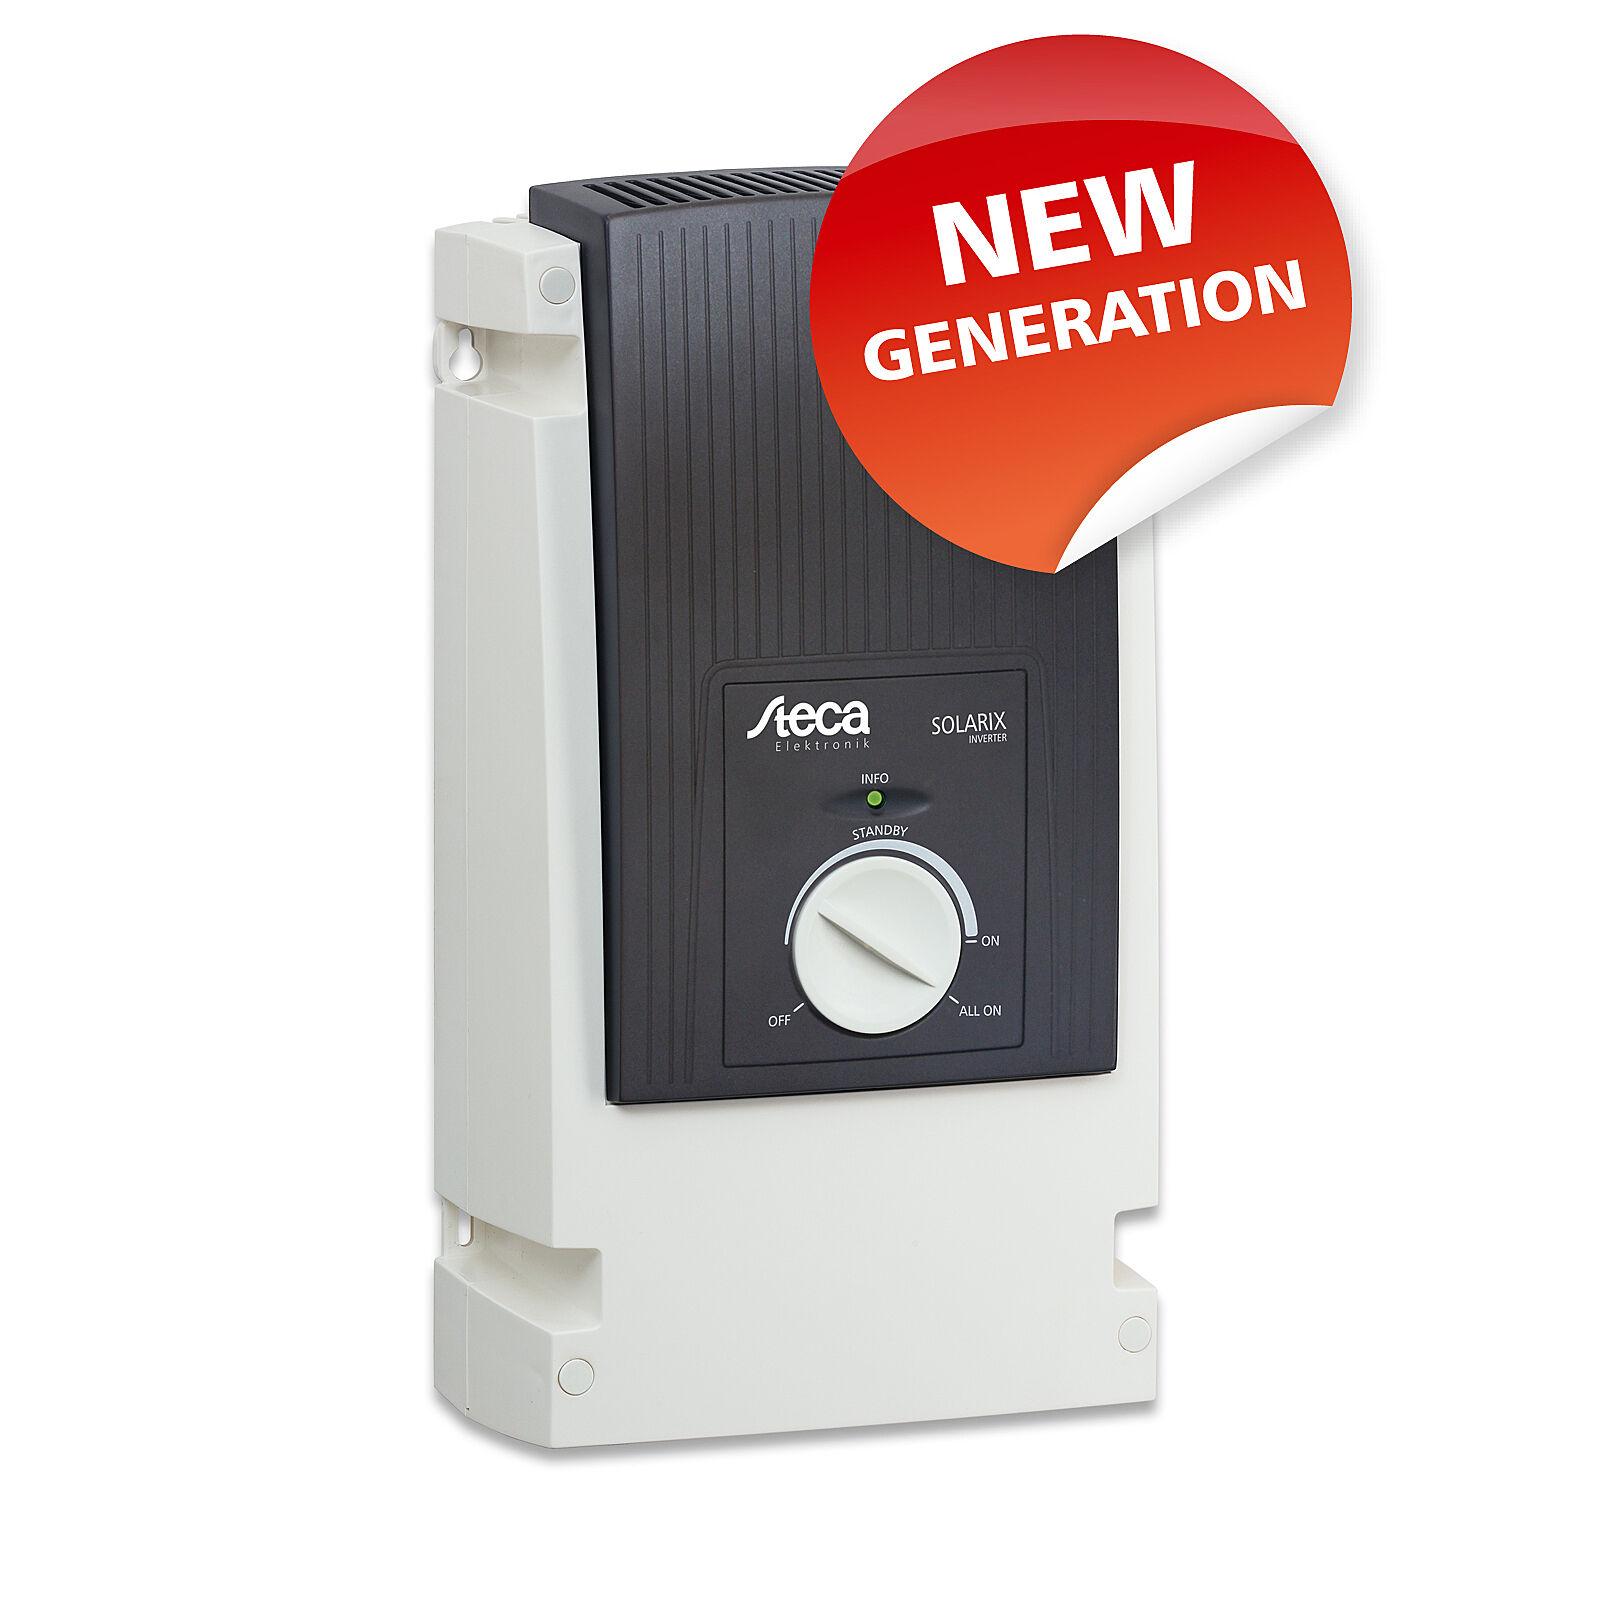 Steca Solarix PI 500W 12V pure sine wave off-grid power inverter 230V AC Germany